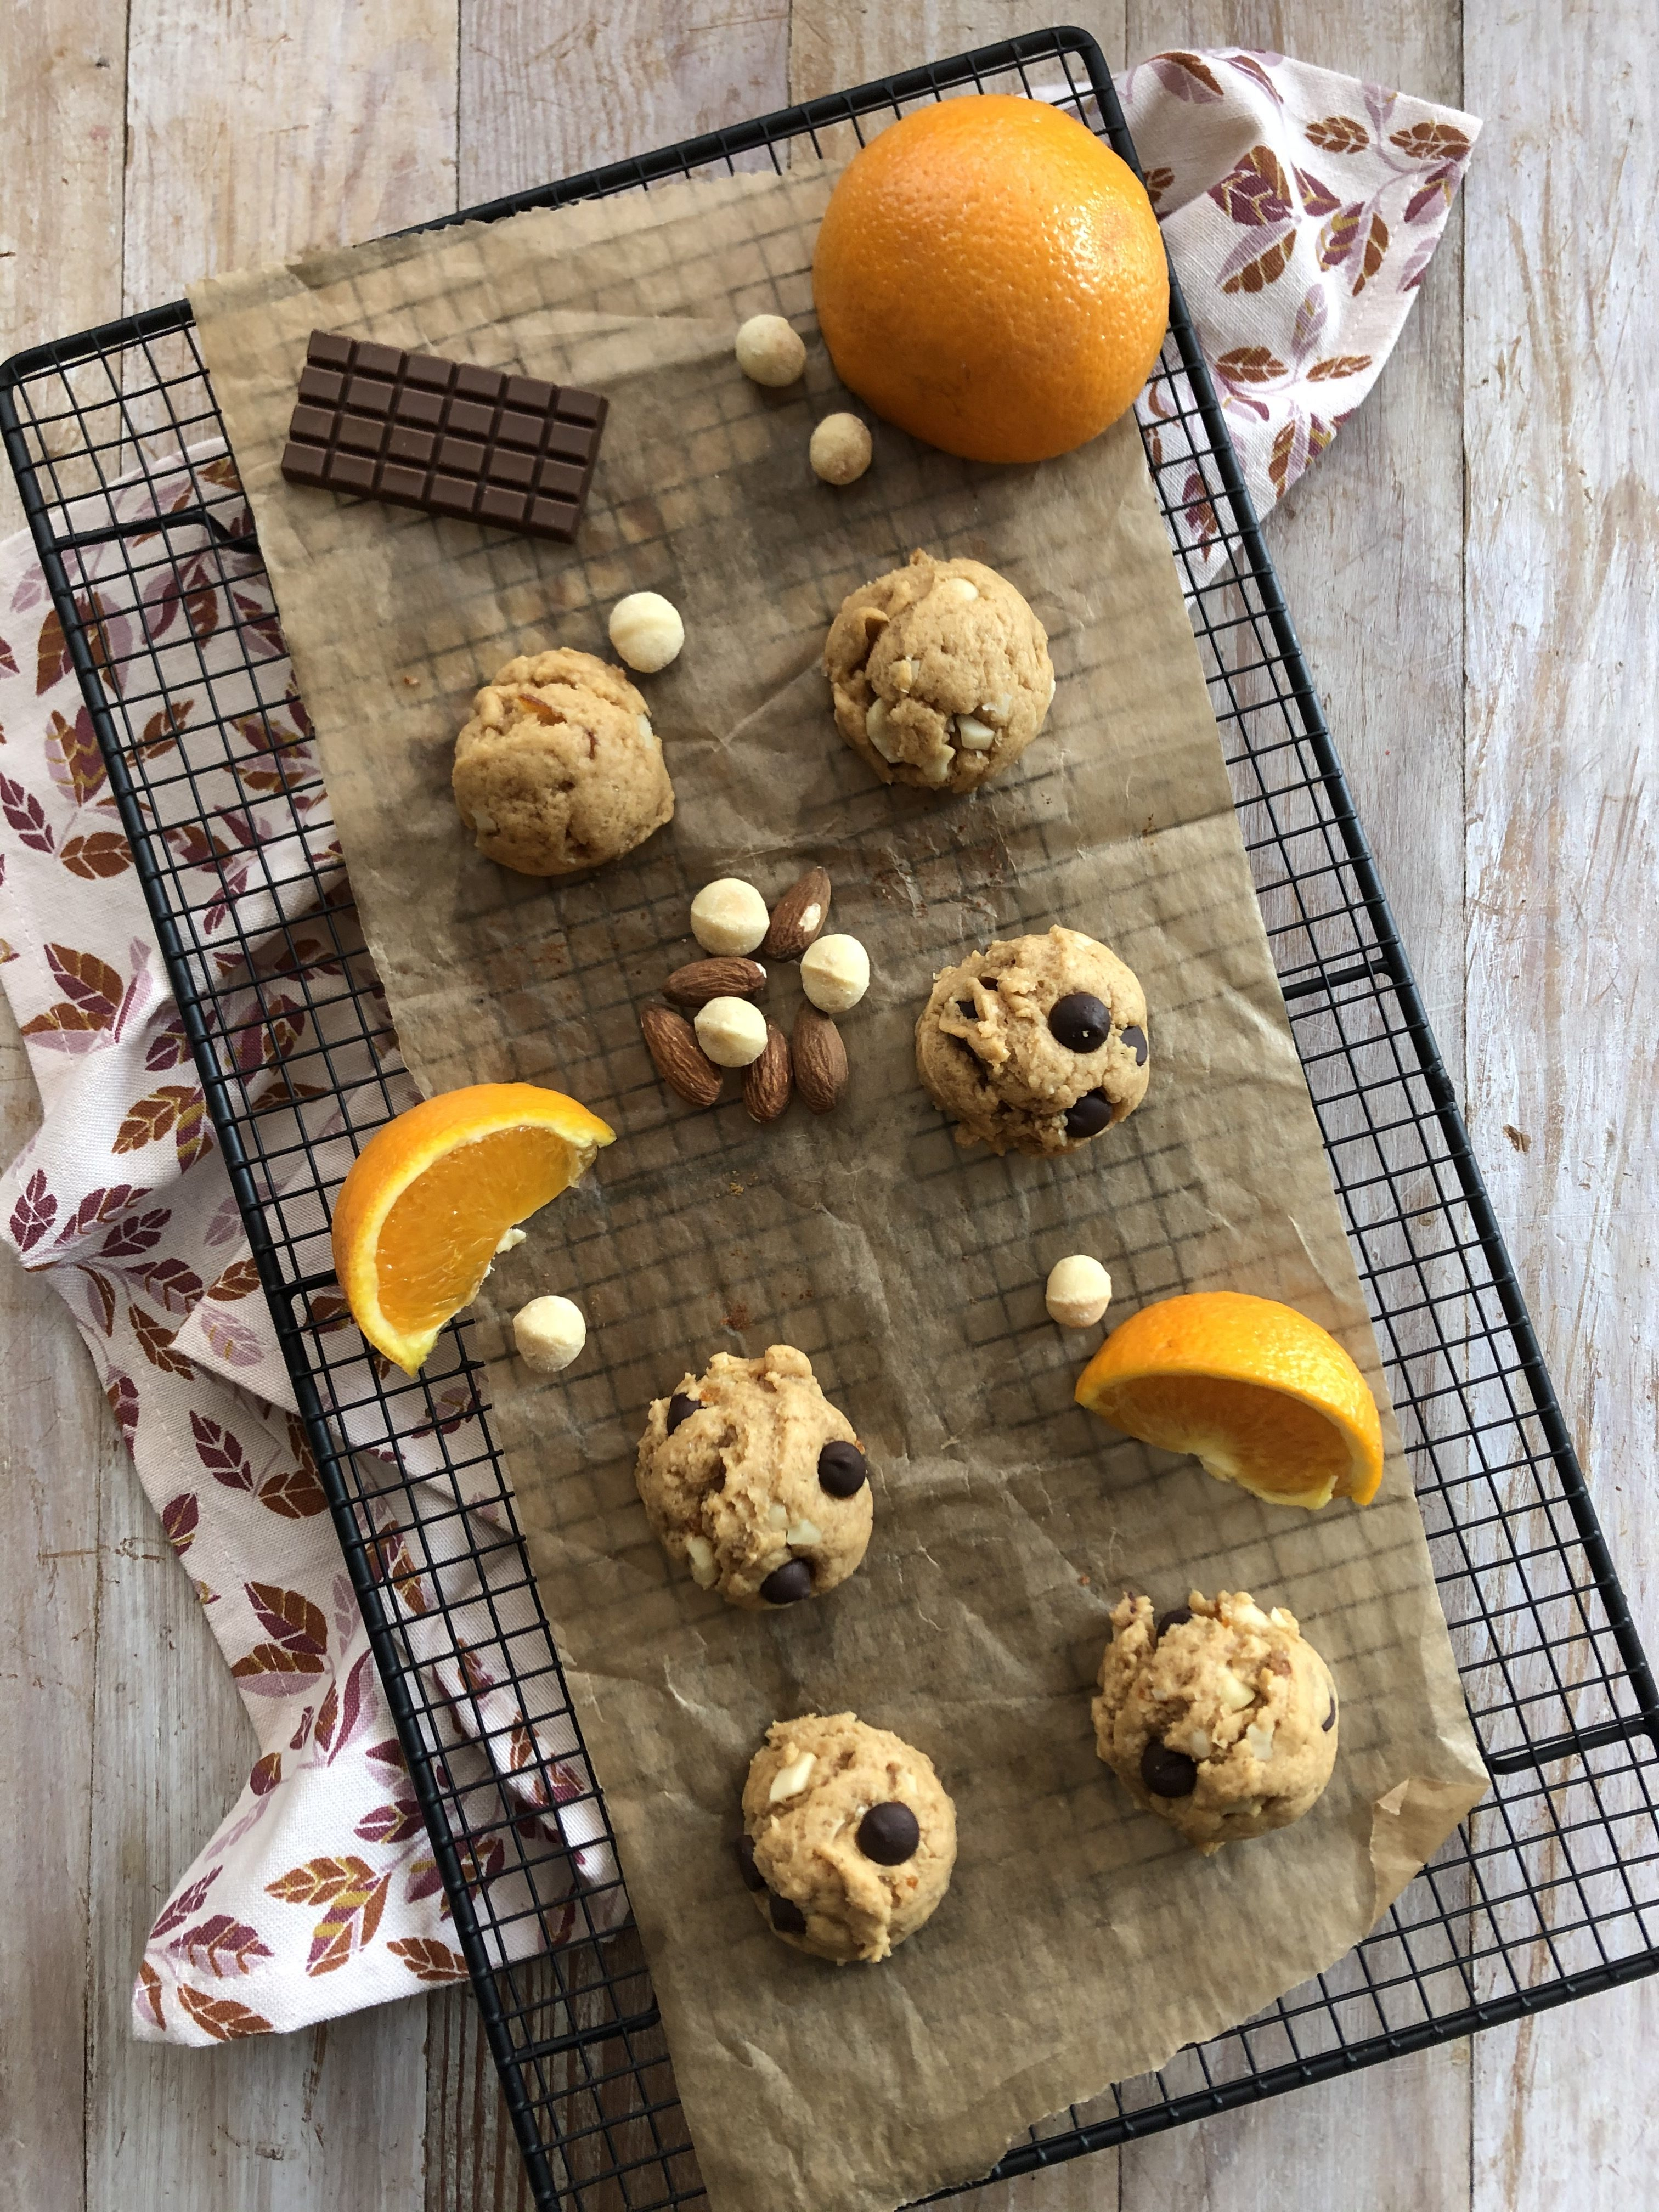 Cookie orange & macadamia